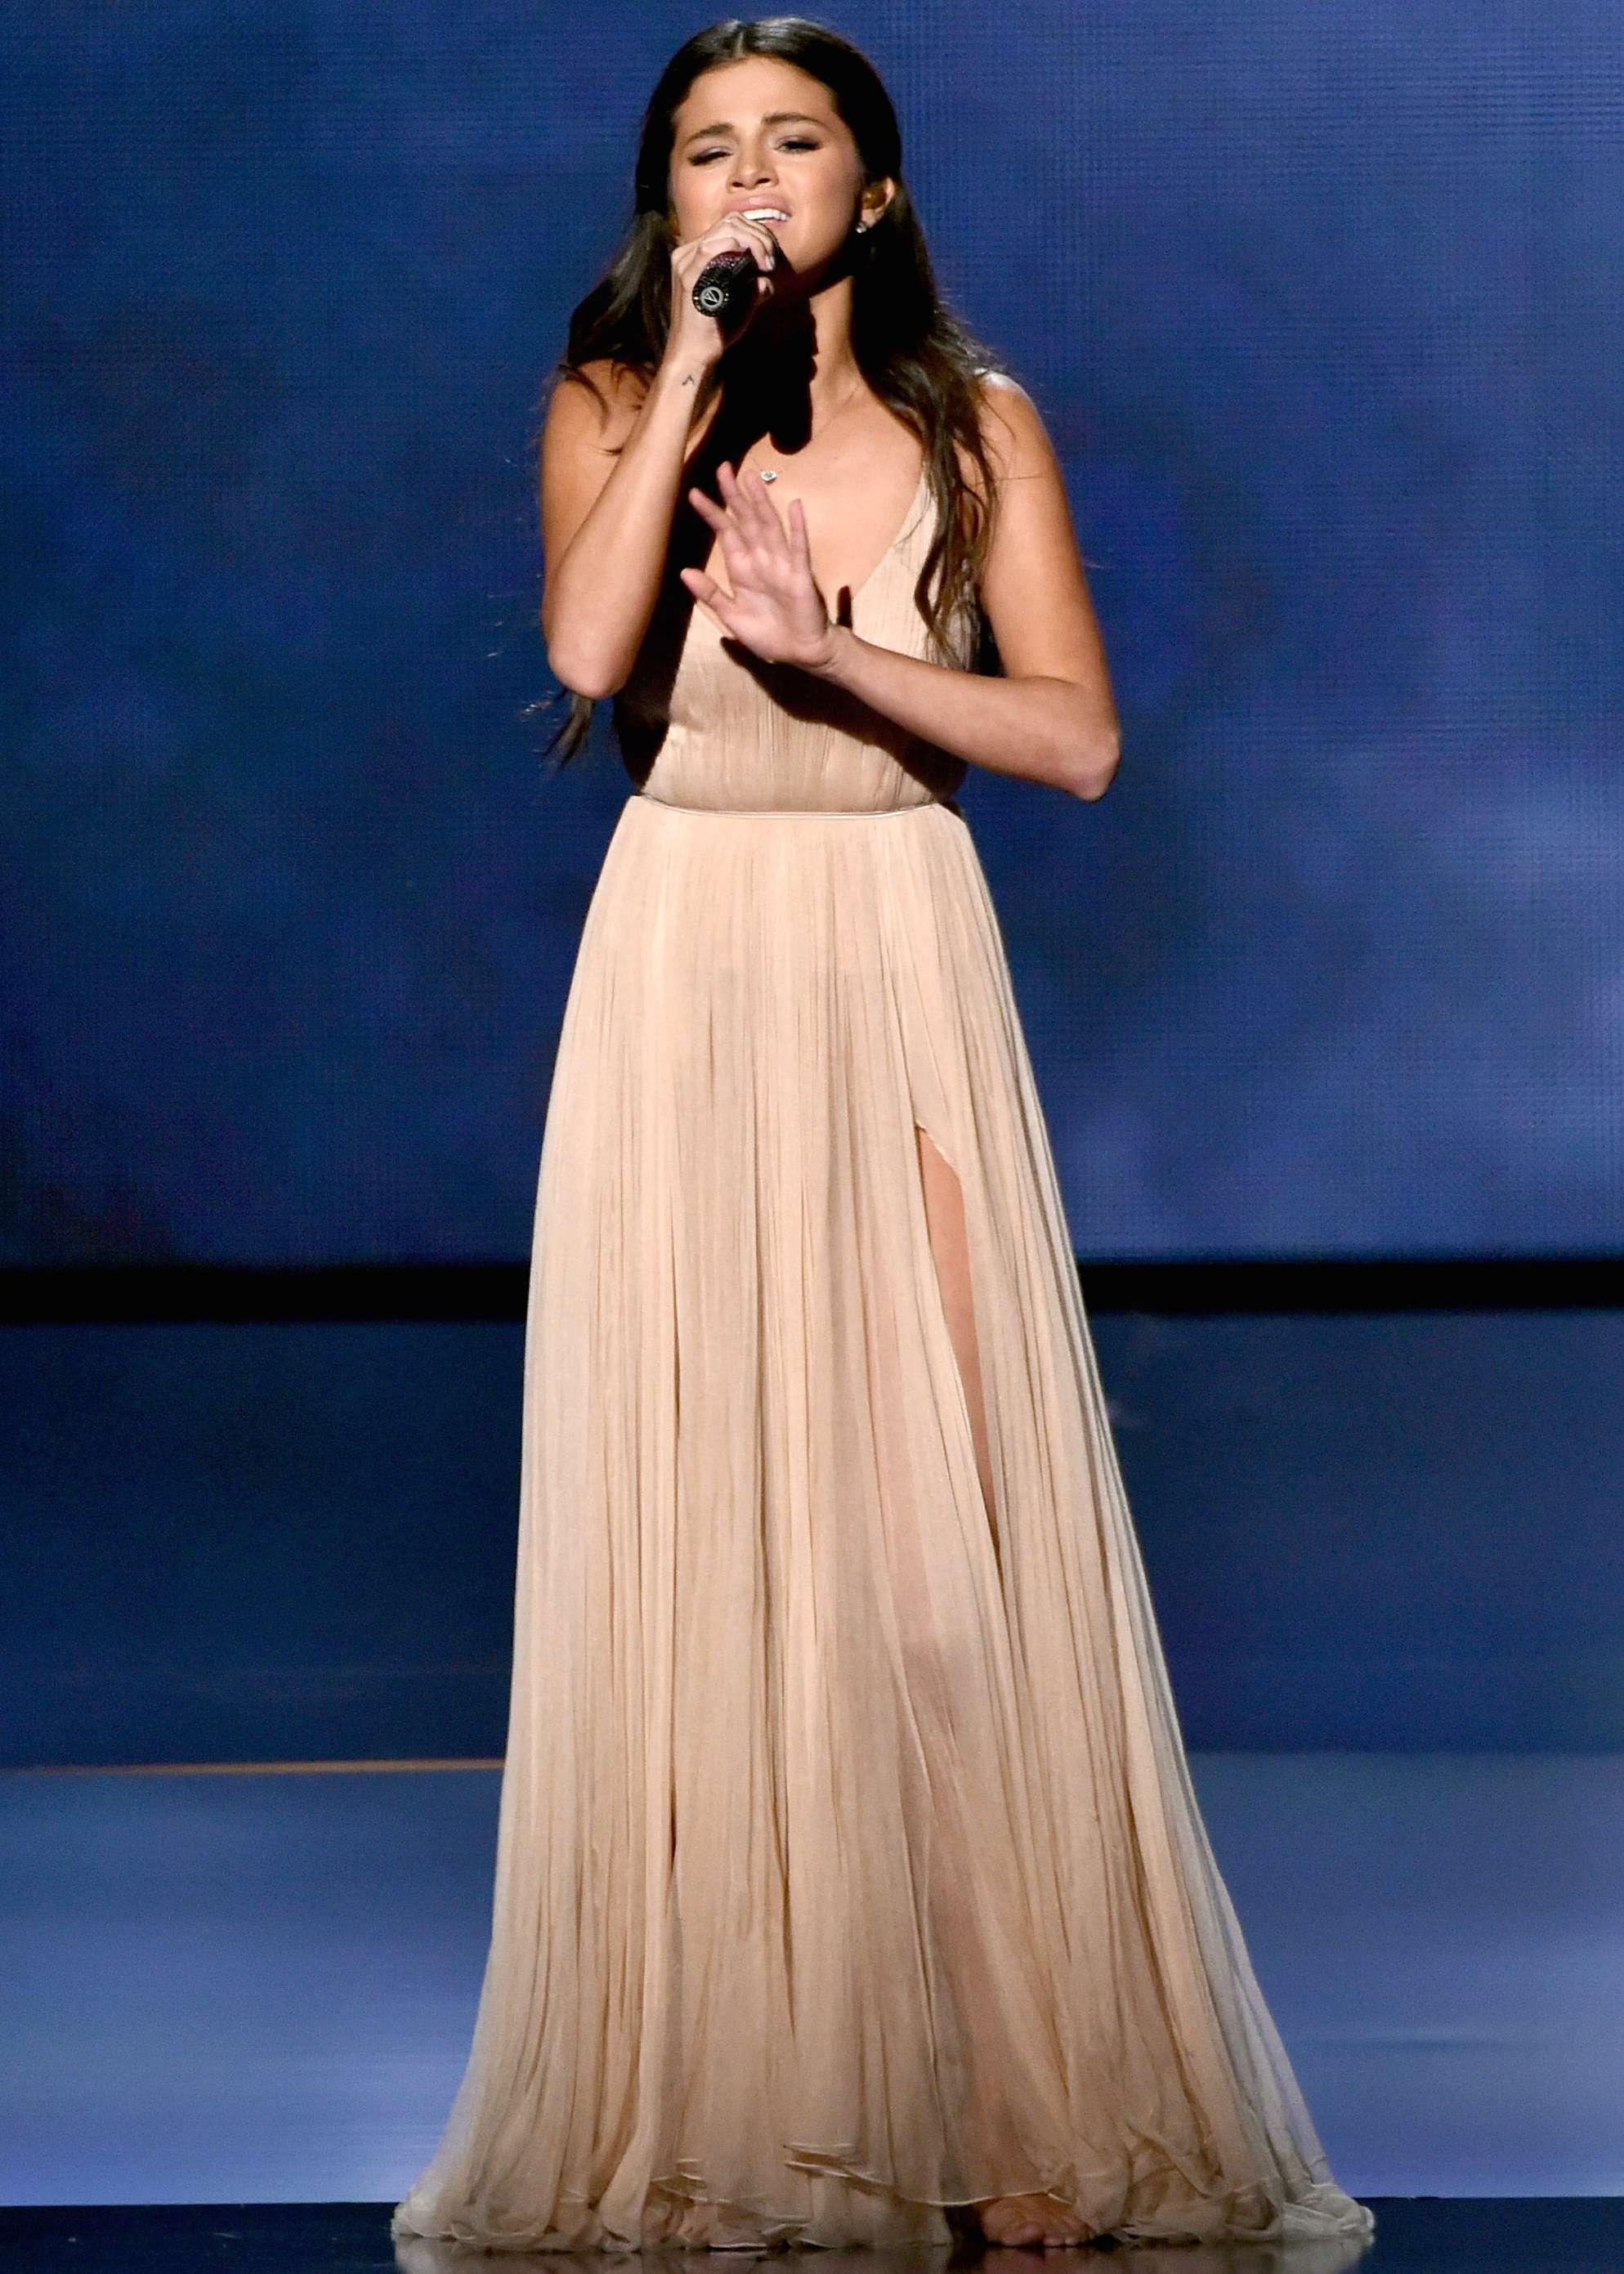 Selena Gómez conmovió con su interpretación de 'The Heart Wants What It Wants'. Foto: Getty Images